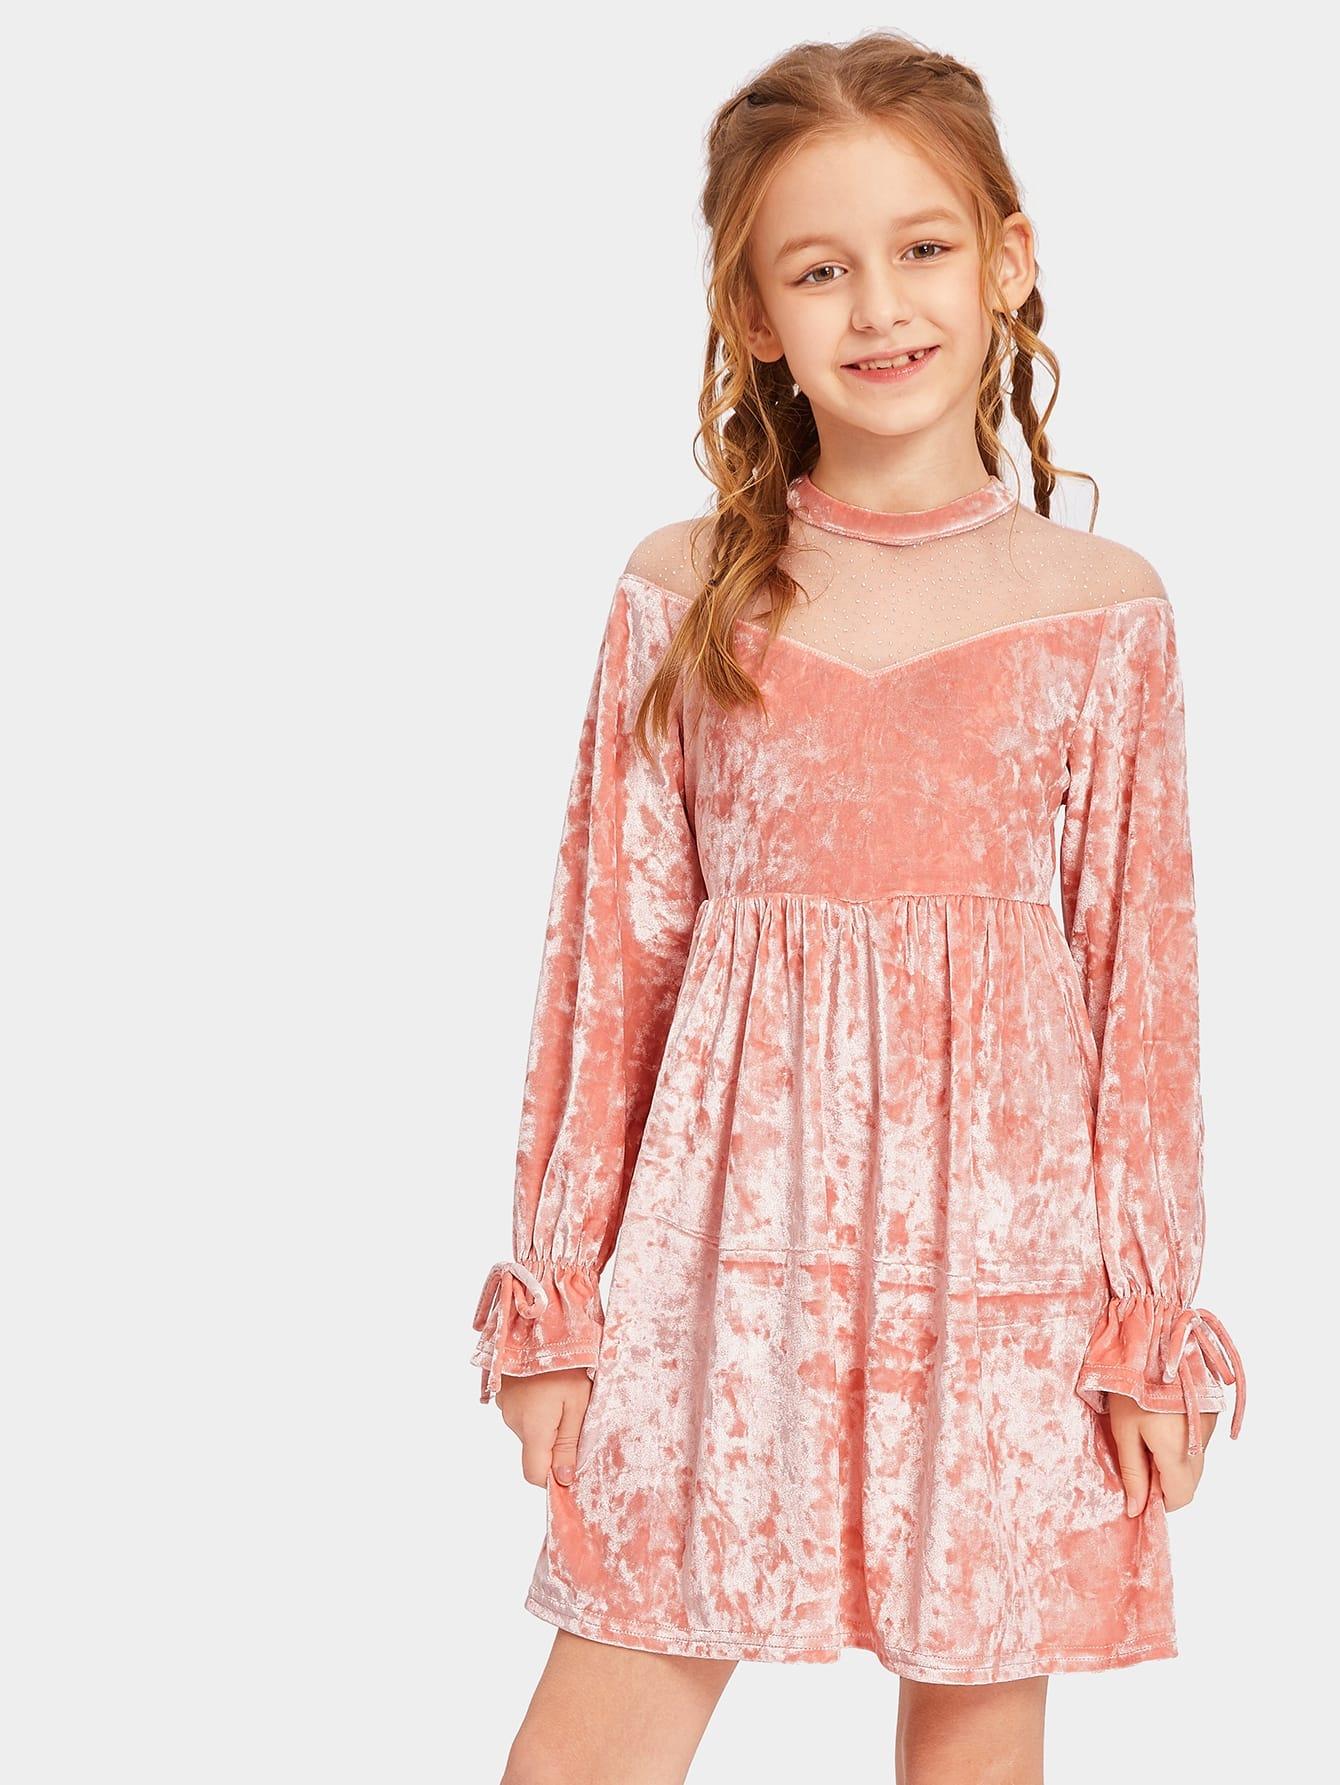 Купить Бархатное платье шеврона на молнии сзади со сетчатыми плечами для девочек, Sashab, SheIn